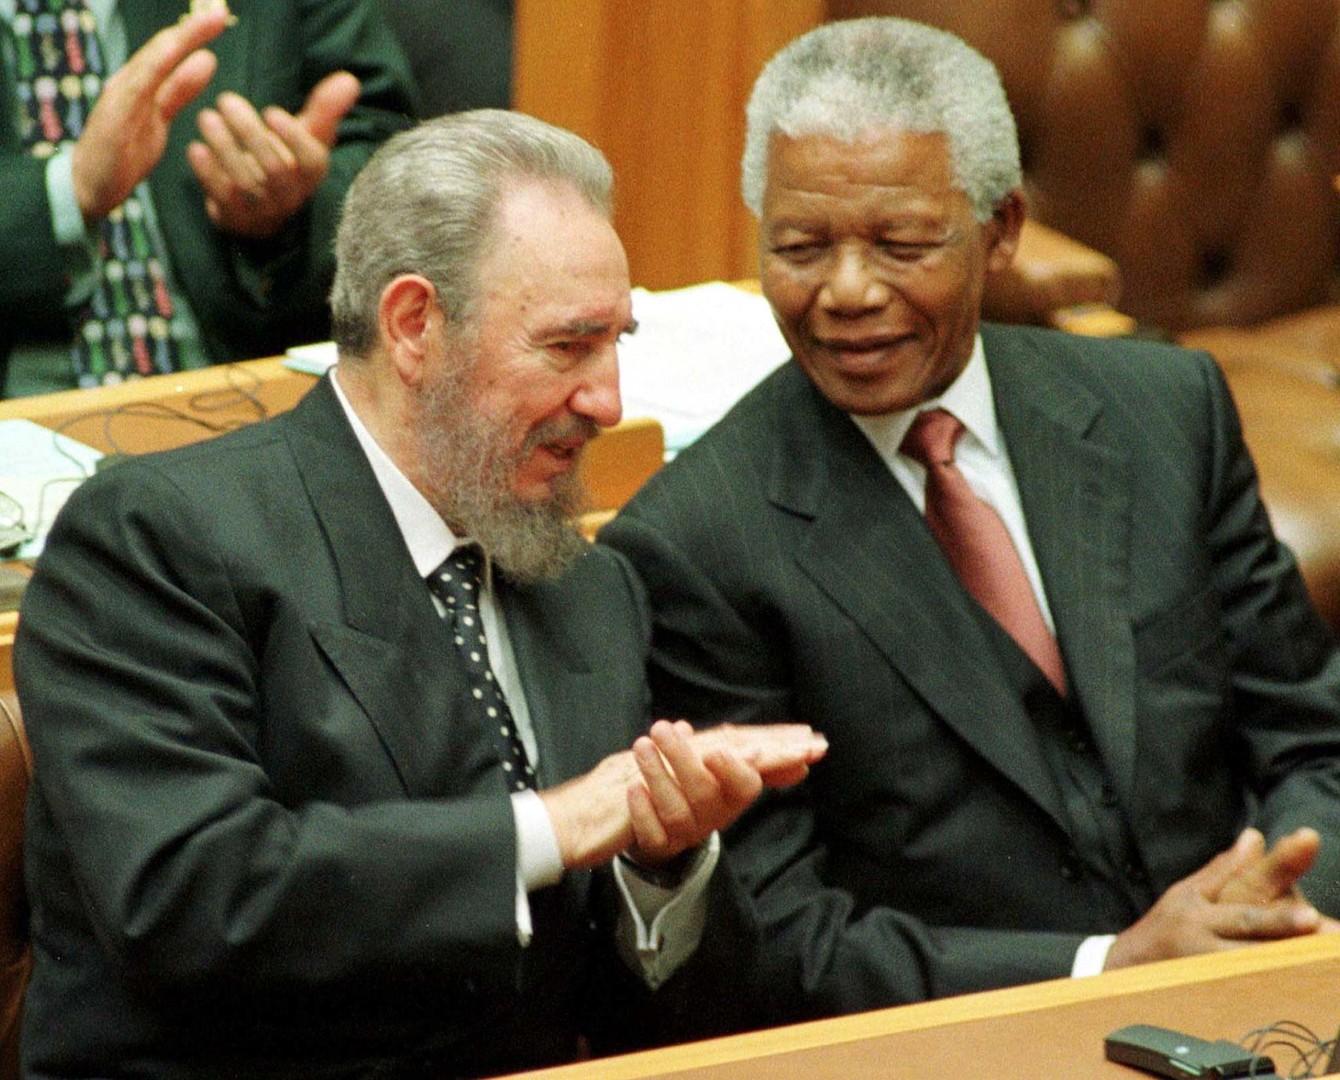 Fidel Castro und Nelson Mandela im Gespräch im südafrikanischen Parlament, September 1995